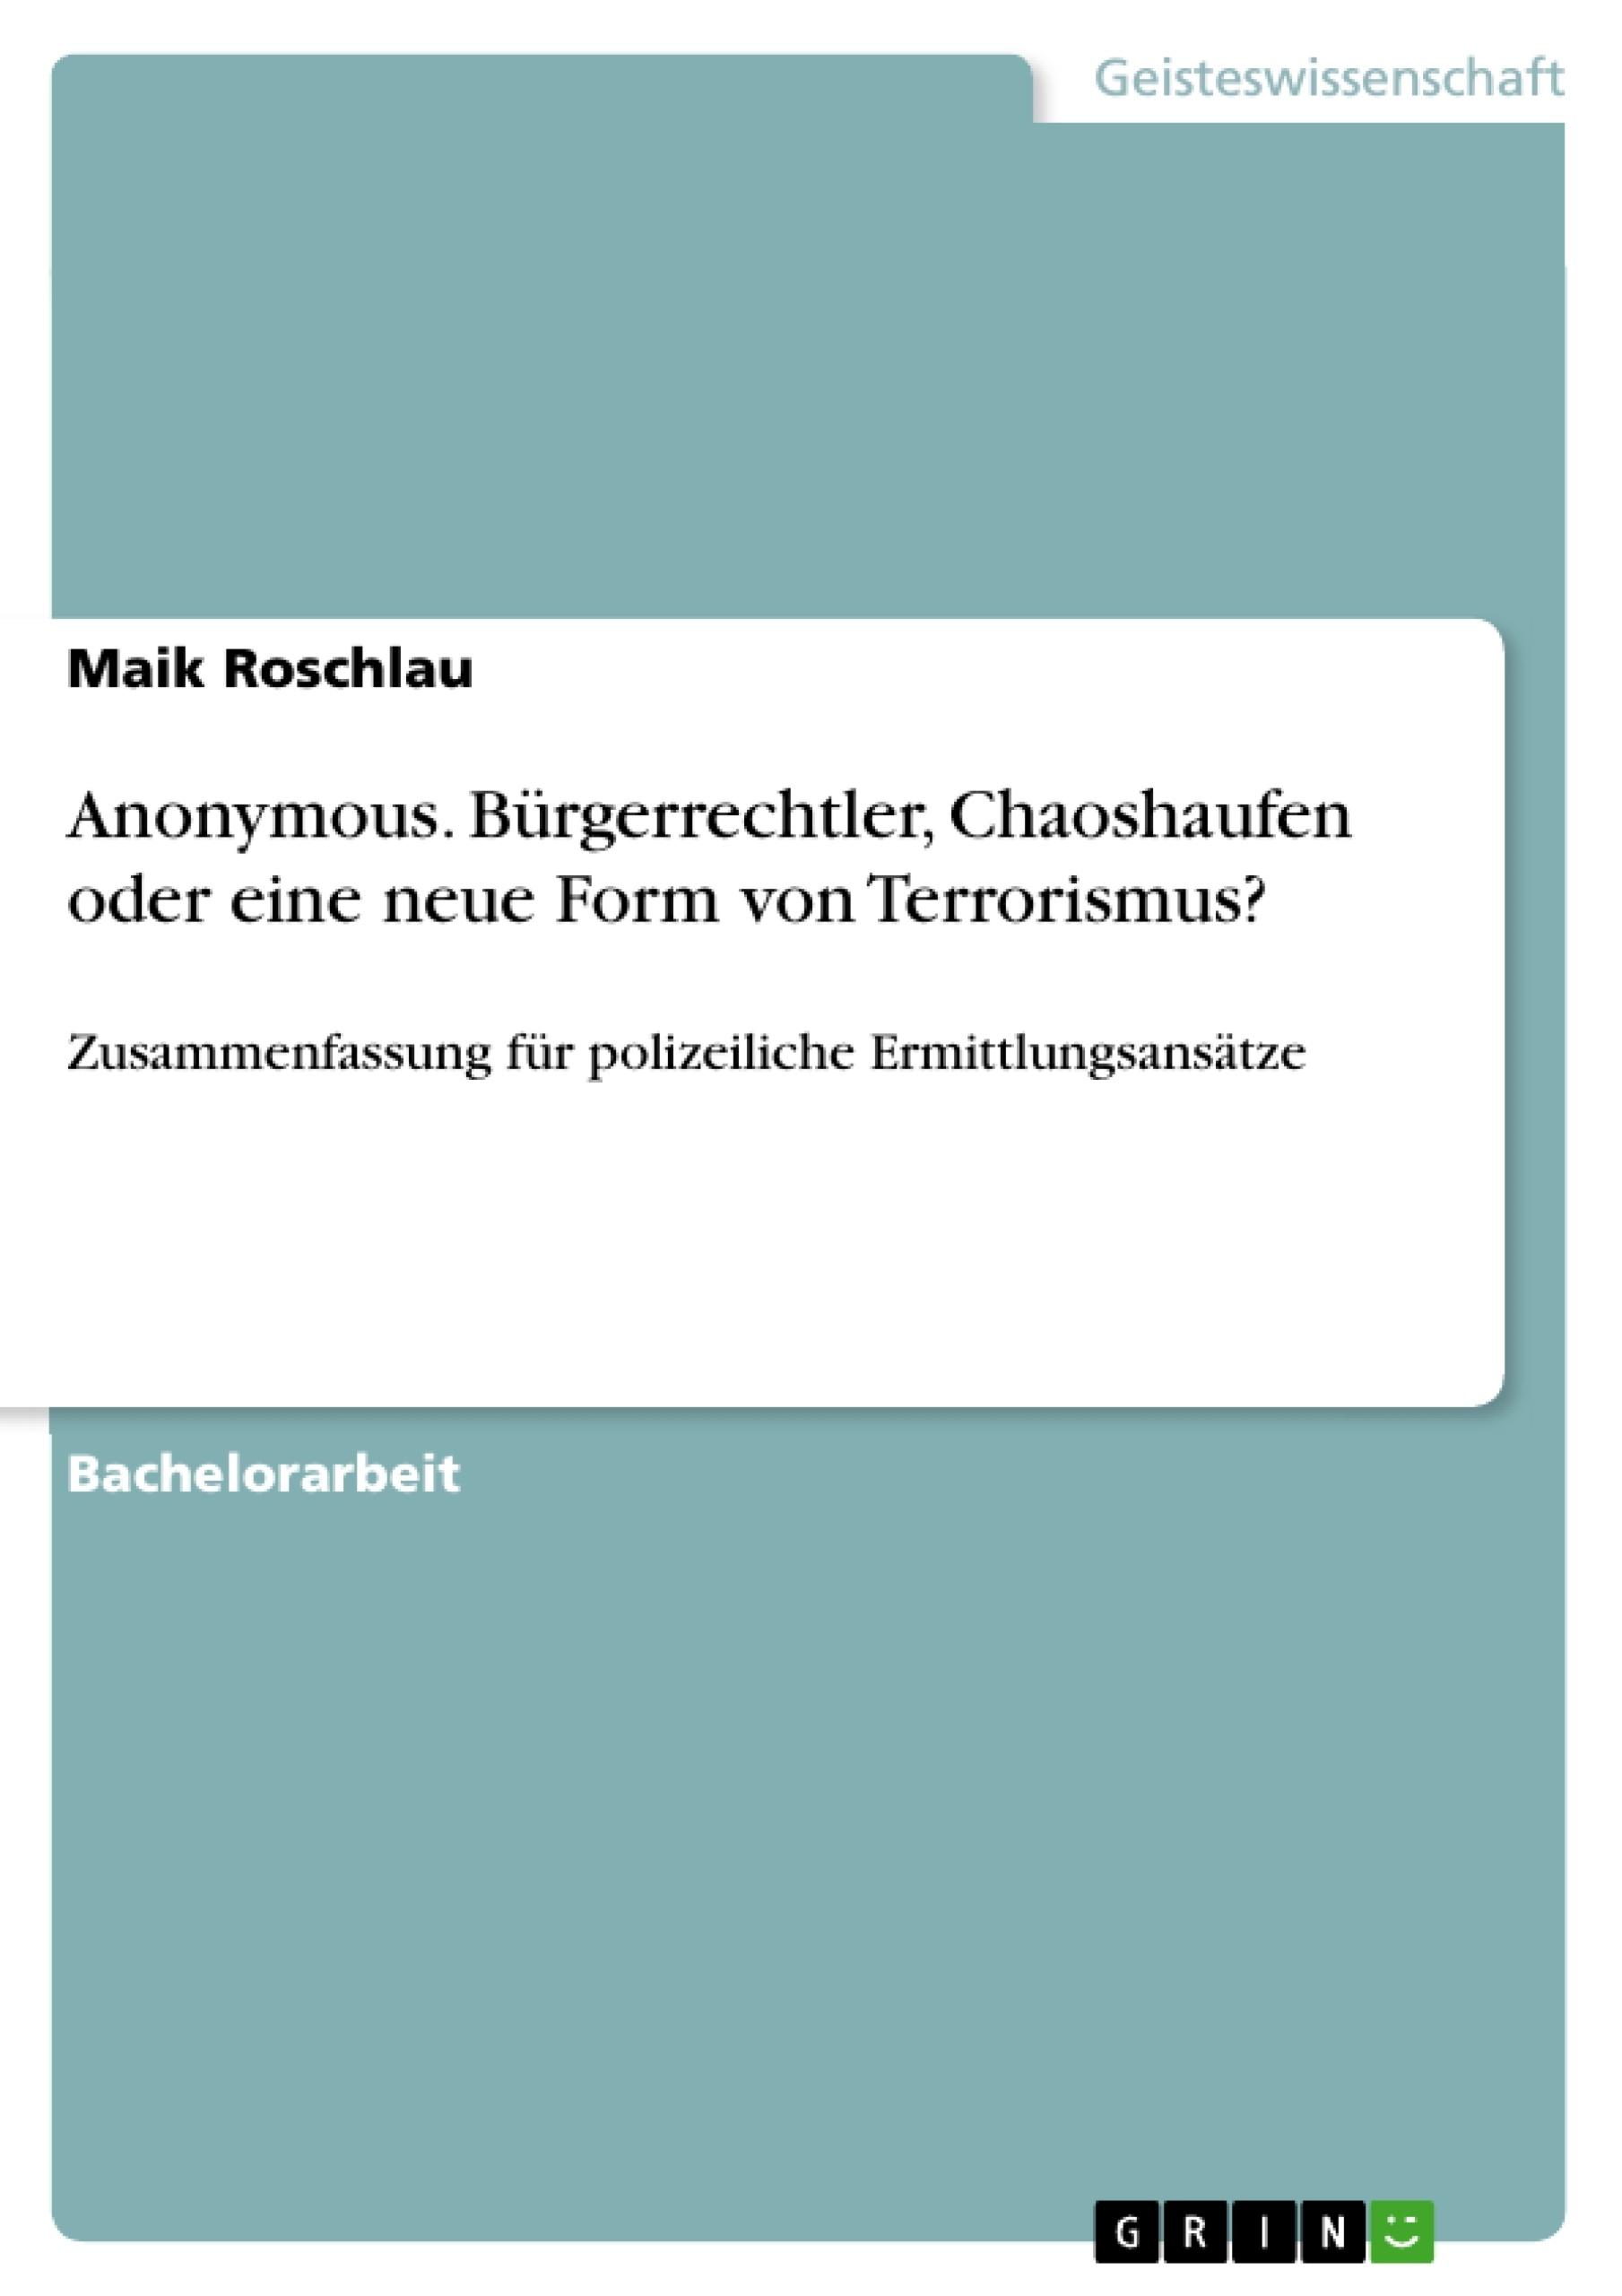 Titel: Anonymous. Bürgerrechtler, Chaoshaufen oder eine neue Form von Terrorismus?